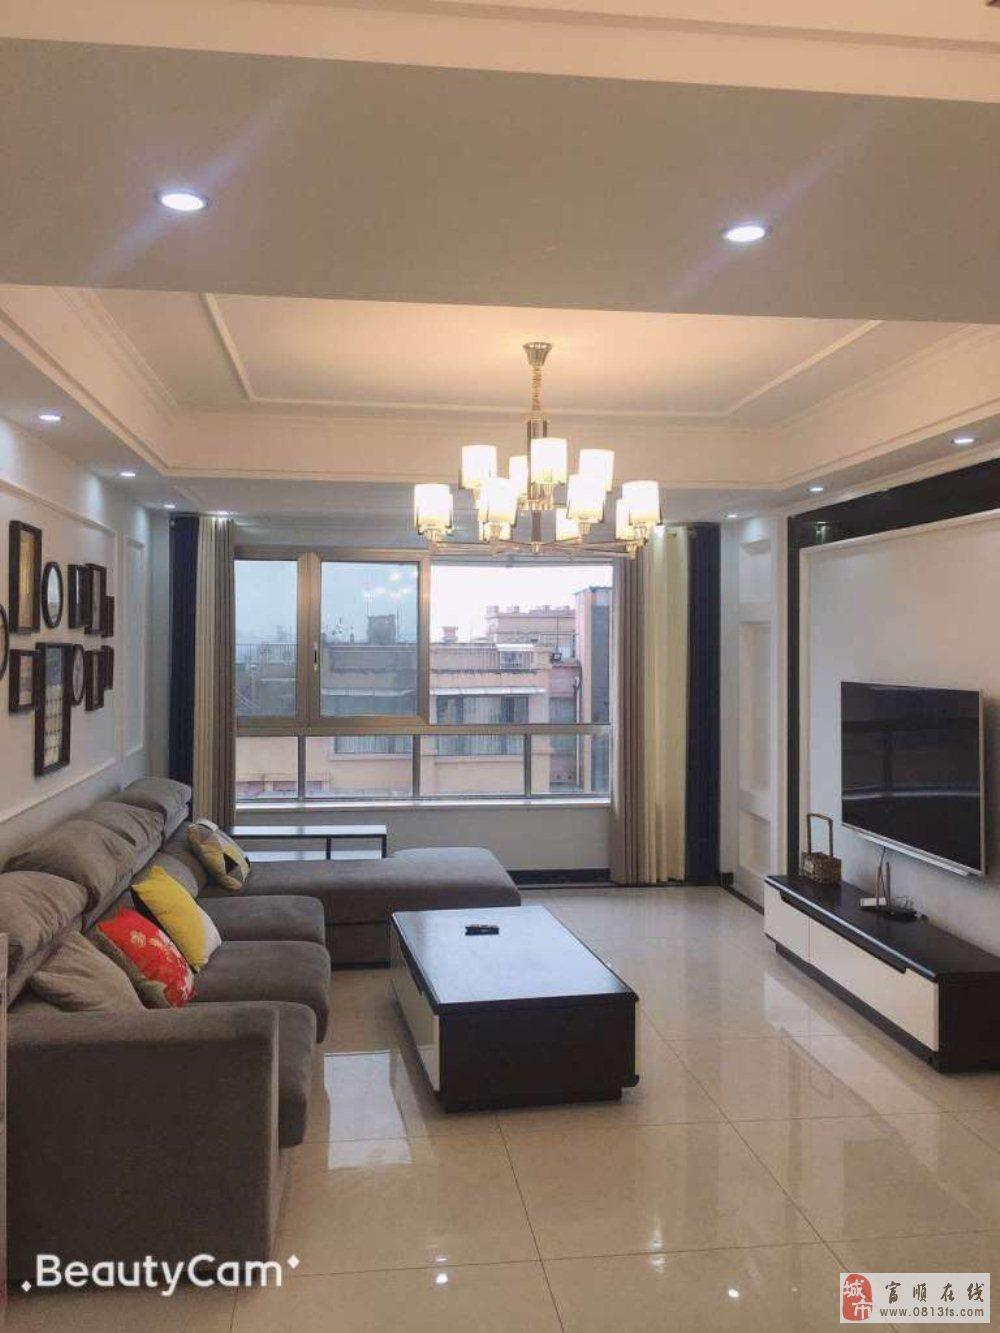 急售西城国际黄金12楼全新装修家具家电齐全领包入